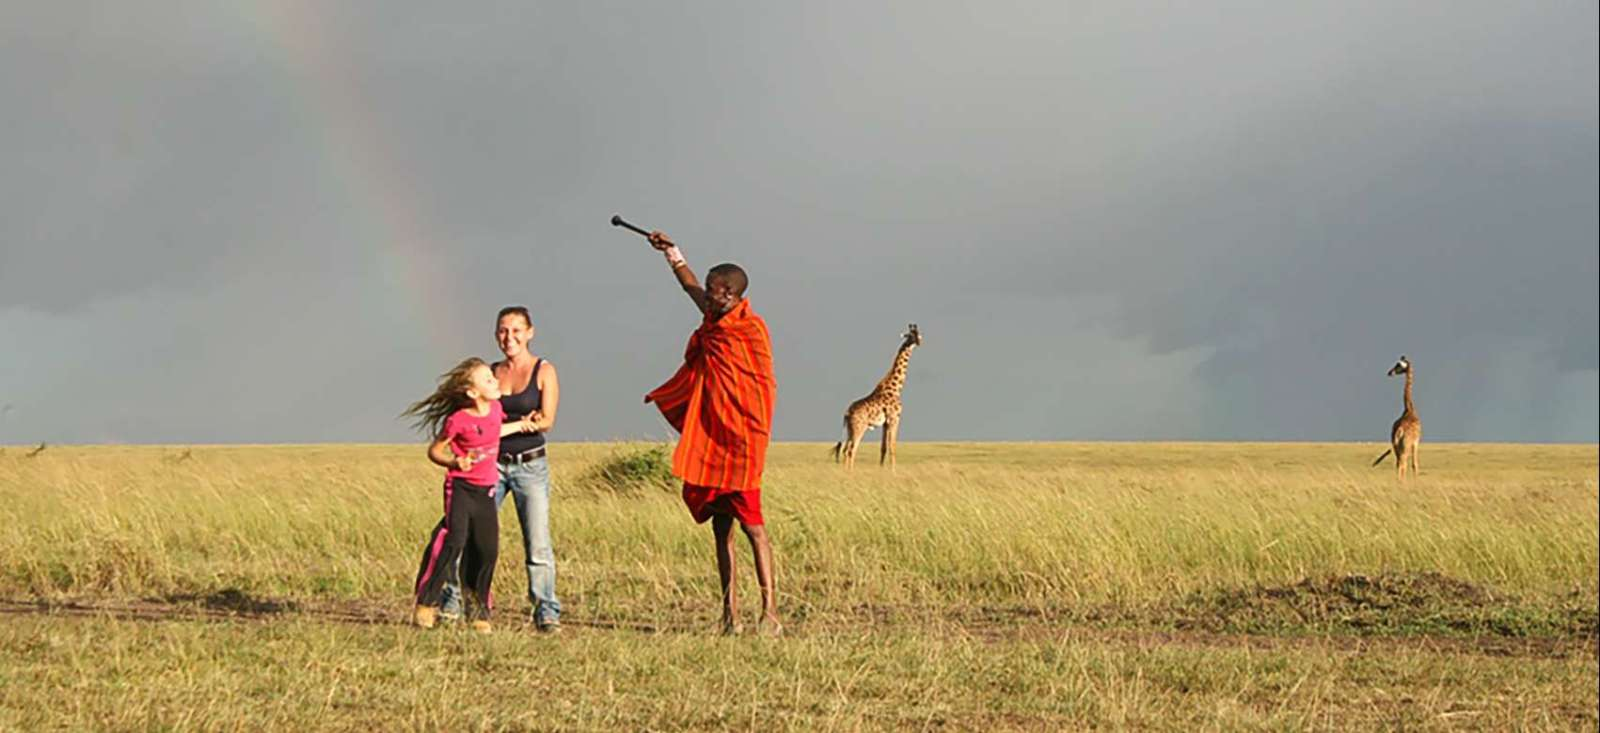 Voyage à pied : Il était une fois au Kenya...